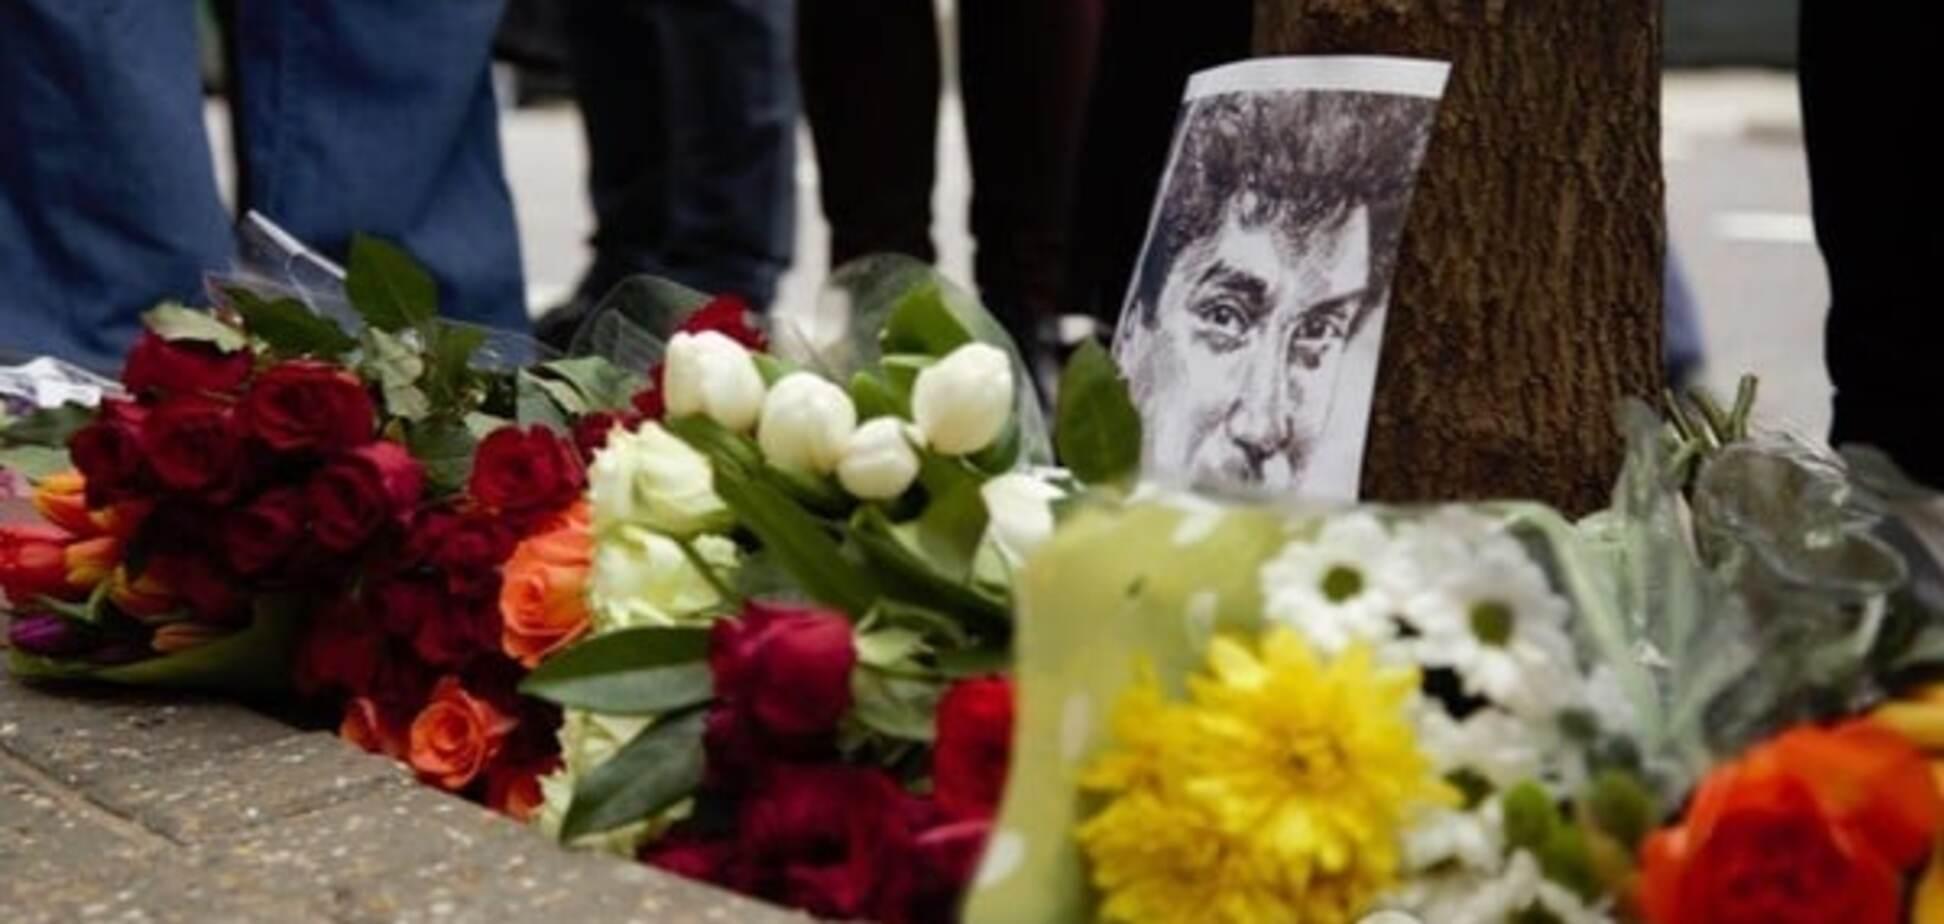 Шендерович и Троицкий в Лондоне почтили память Бориса Немцова: фоторепортаж